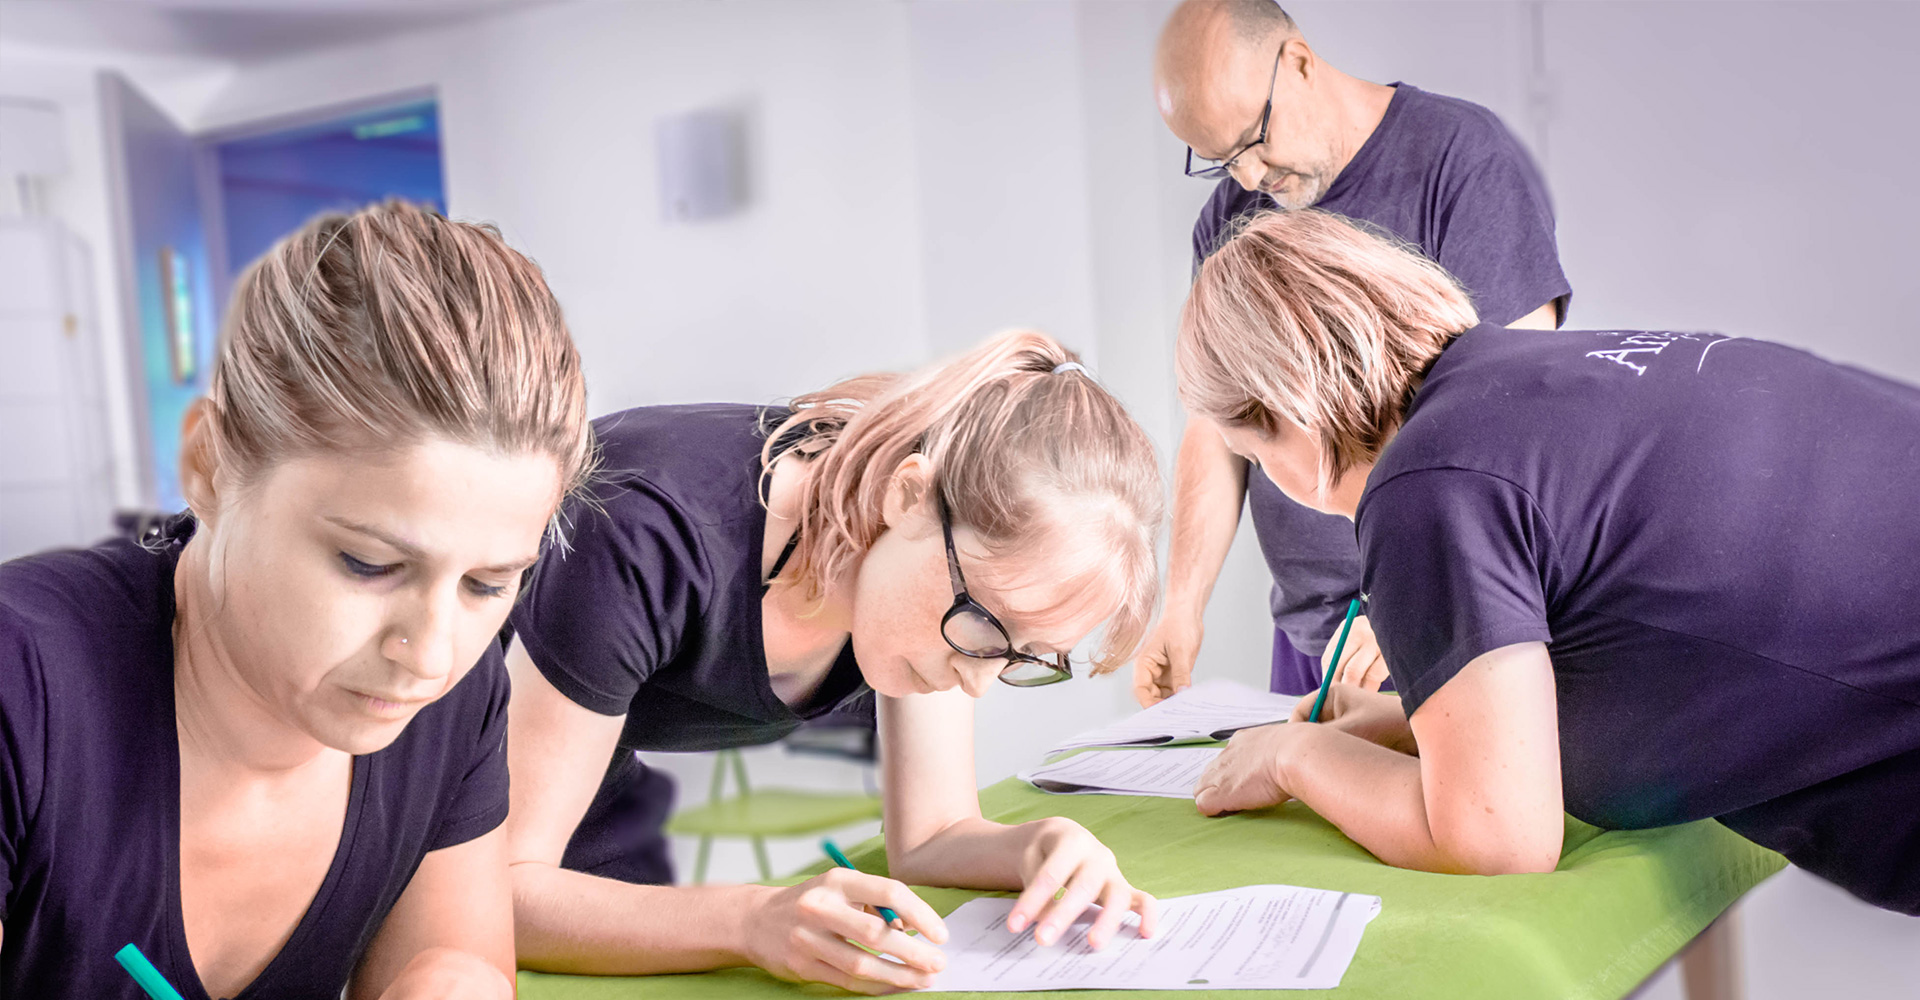 journee-de-certification-formation-massage-bien-etre-anjayati